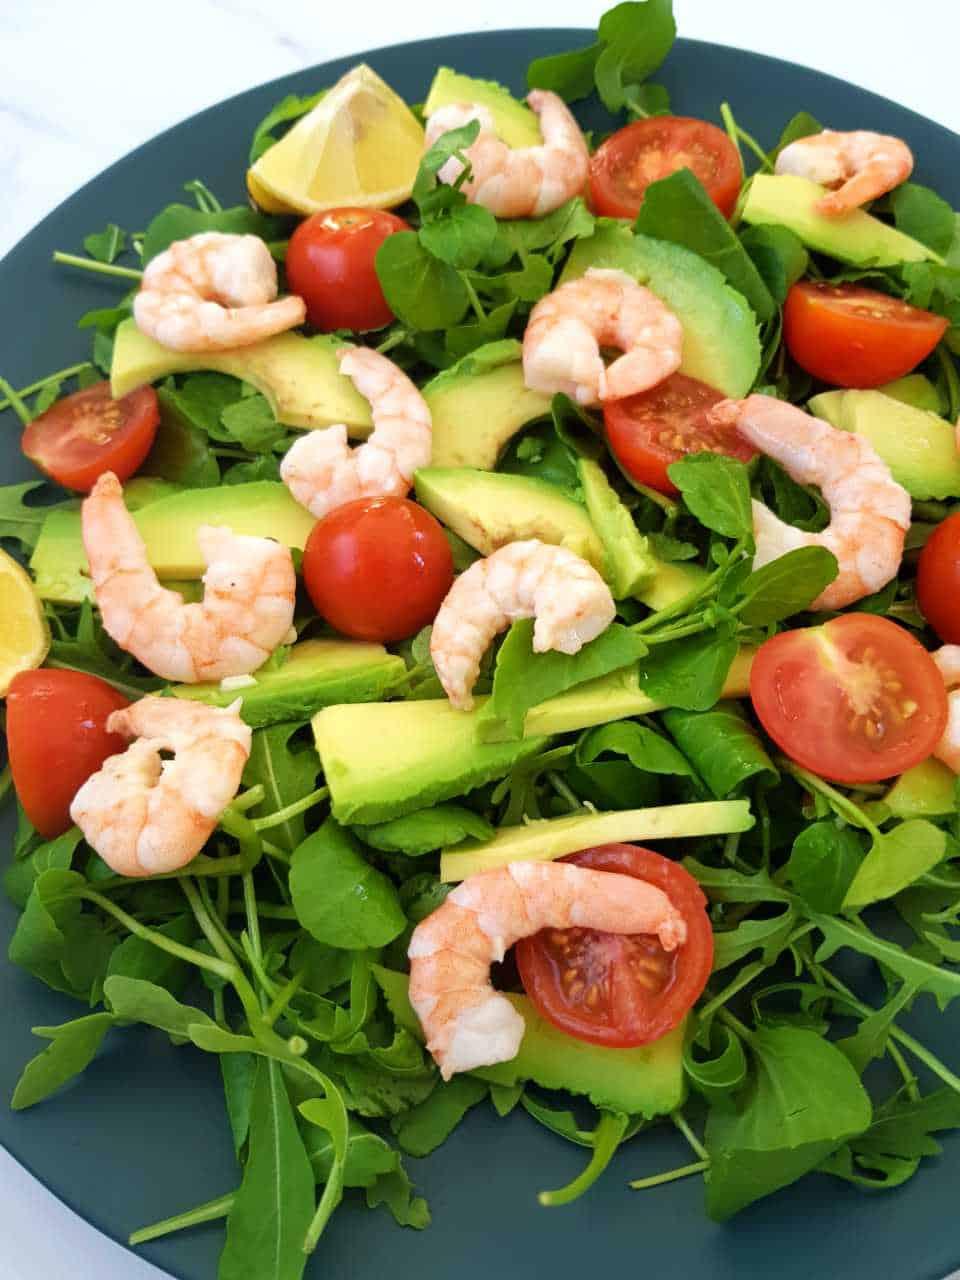 Shrimp avocado salad on a blue plate.